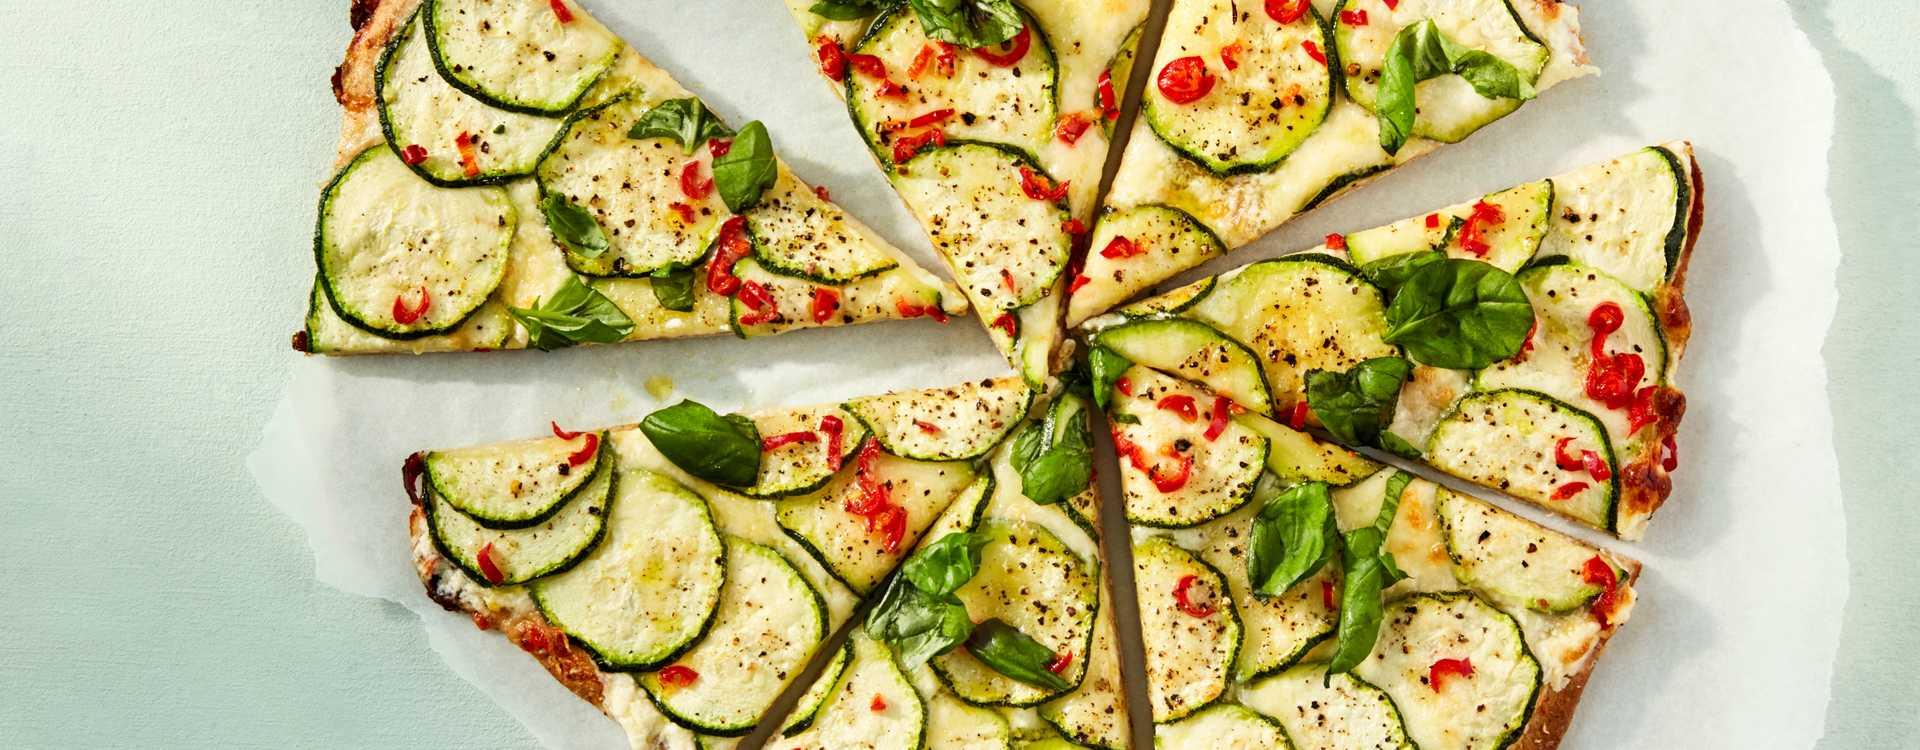 Hvit pizza med squash og chili